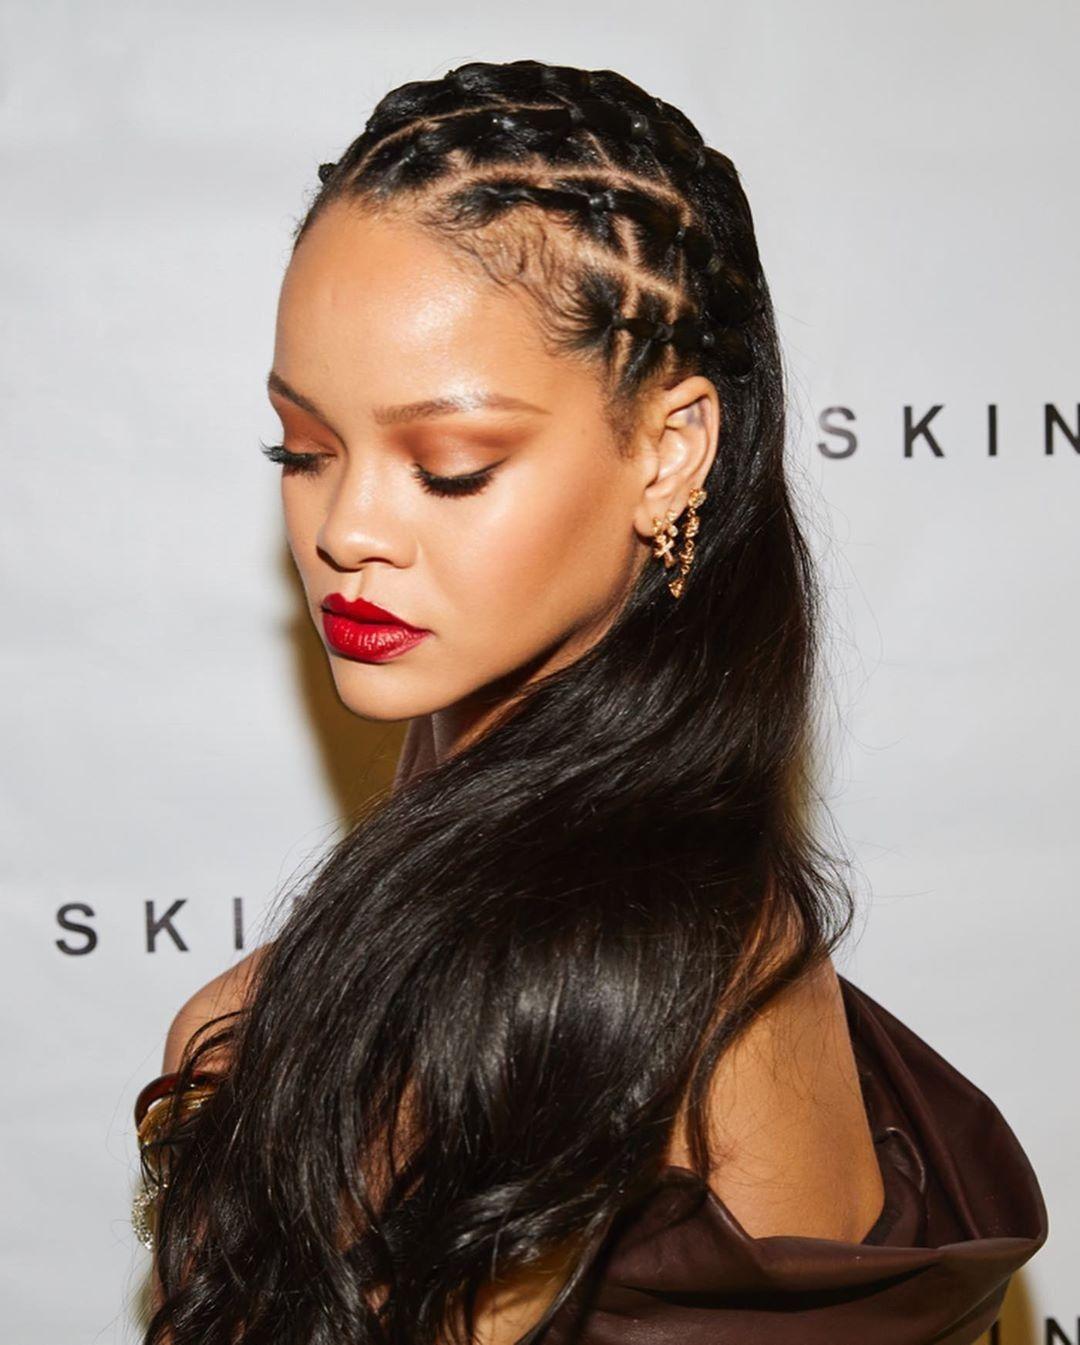 Rihanna In 2020 Rihanna Hairstyles Skin Rihanna Rihanna